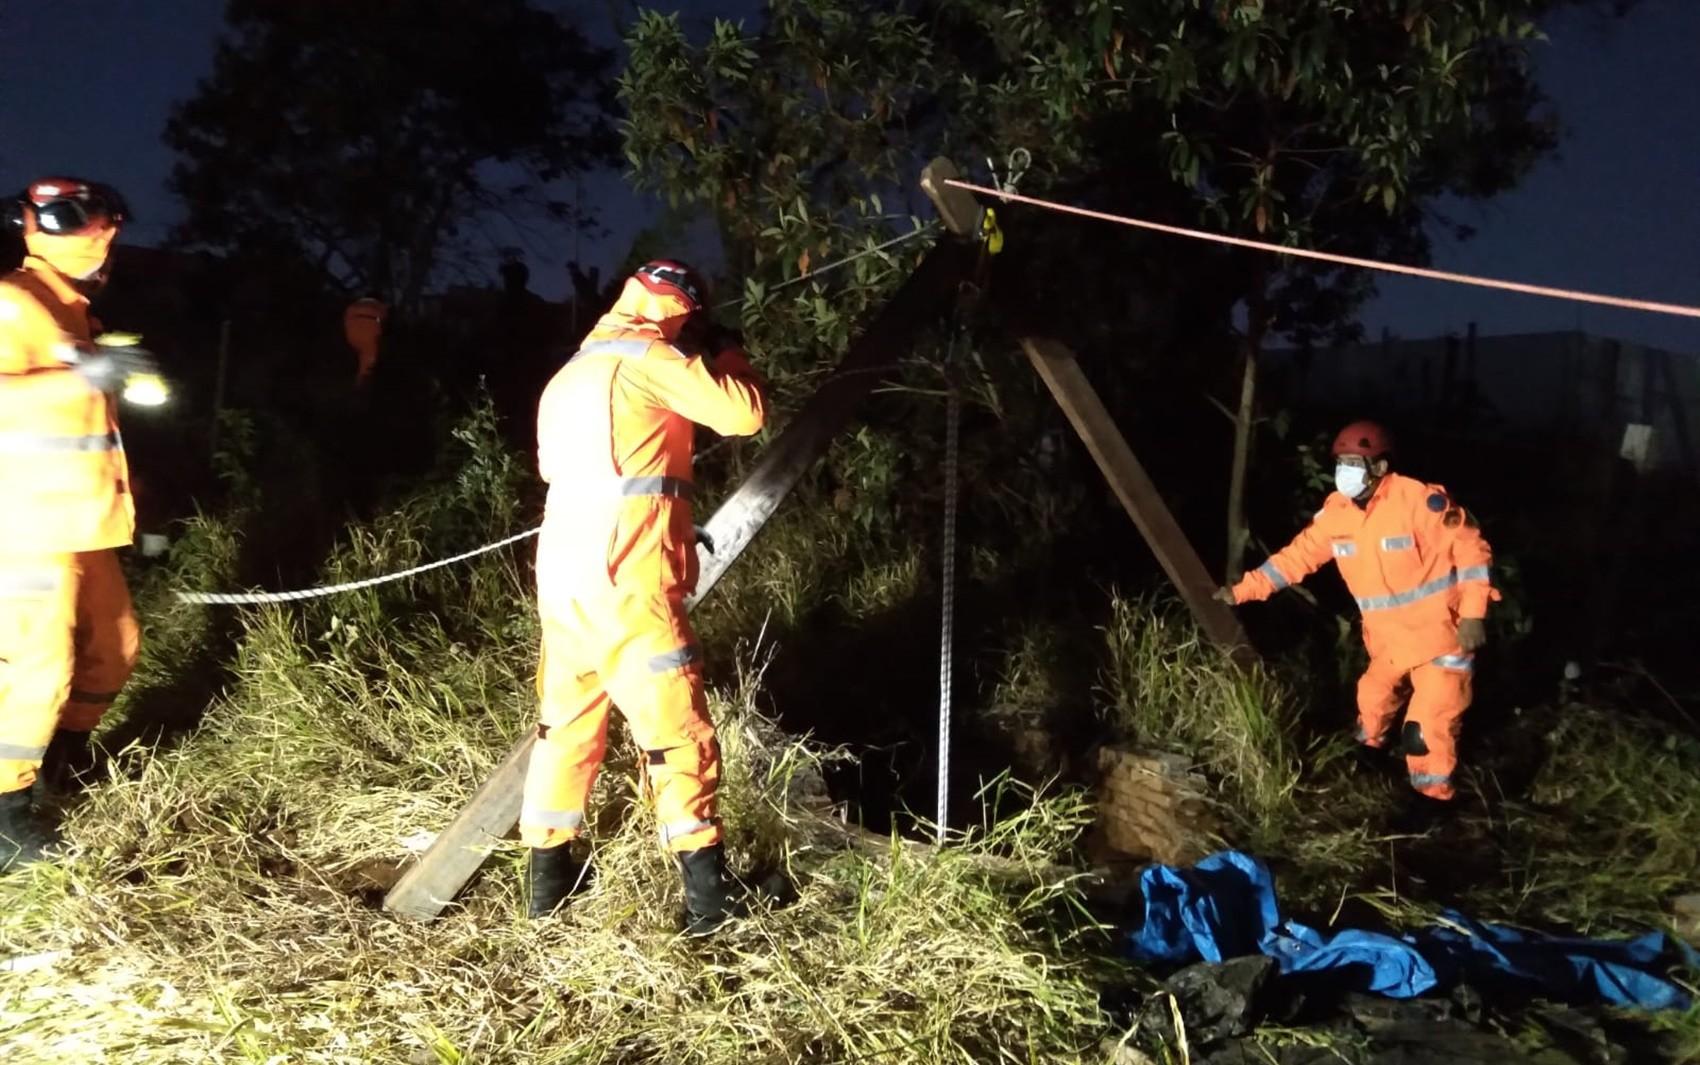 Adolescente cai em cisterna na zona rural de Pouso Alegre e é resgatado pelo Corpo de Bombeiros